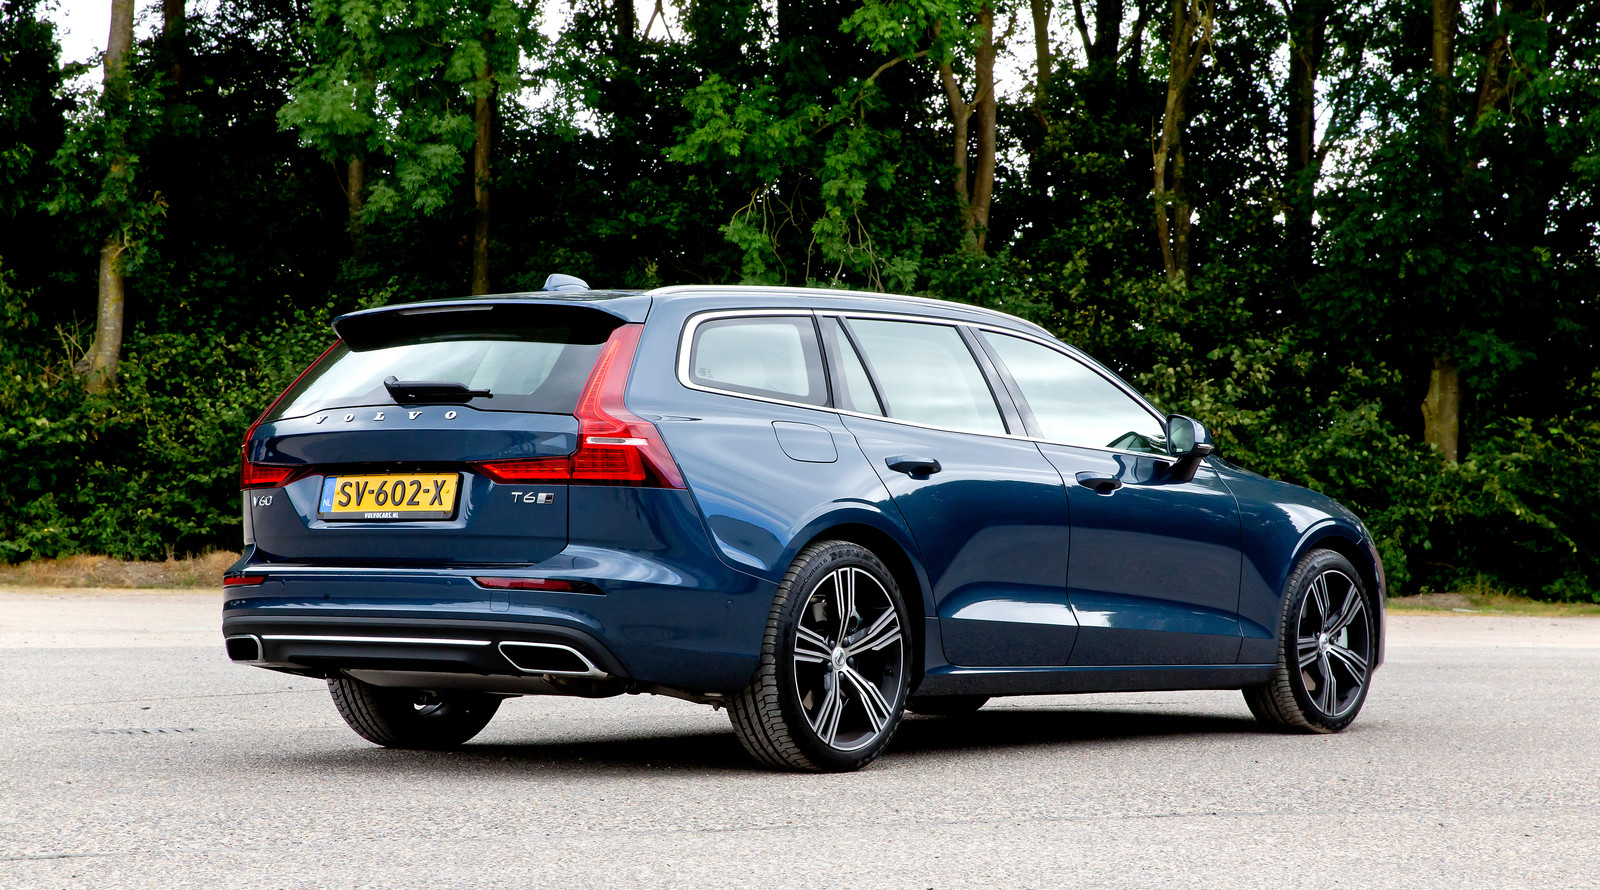 De V60: een van de nieuwste modellen van Volvo